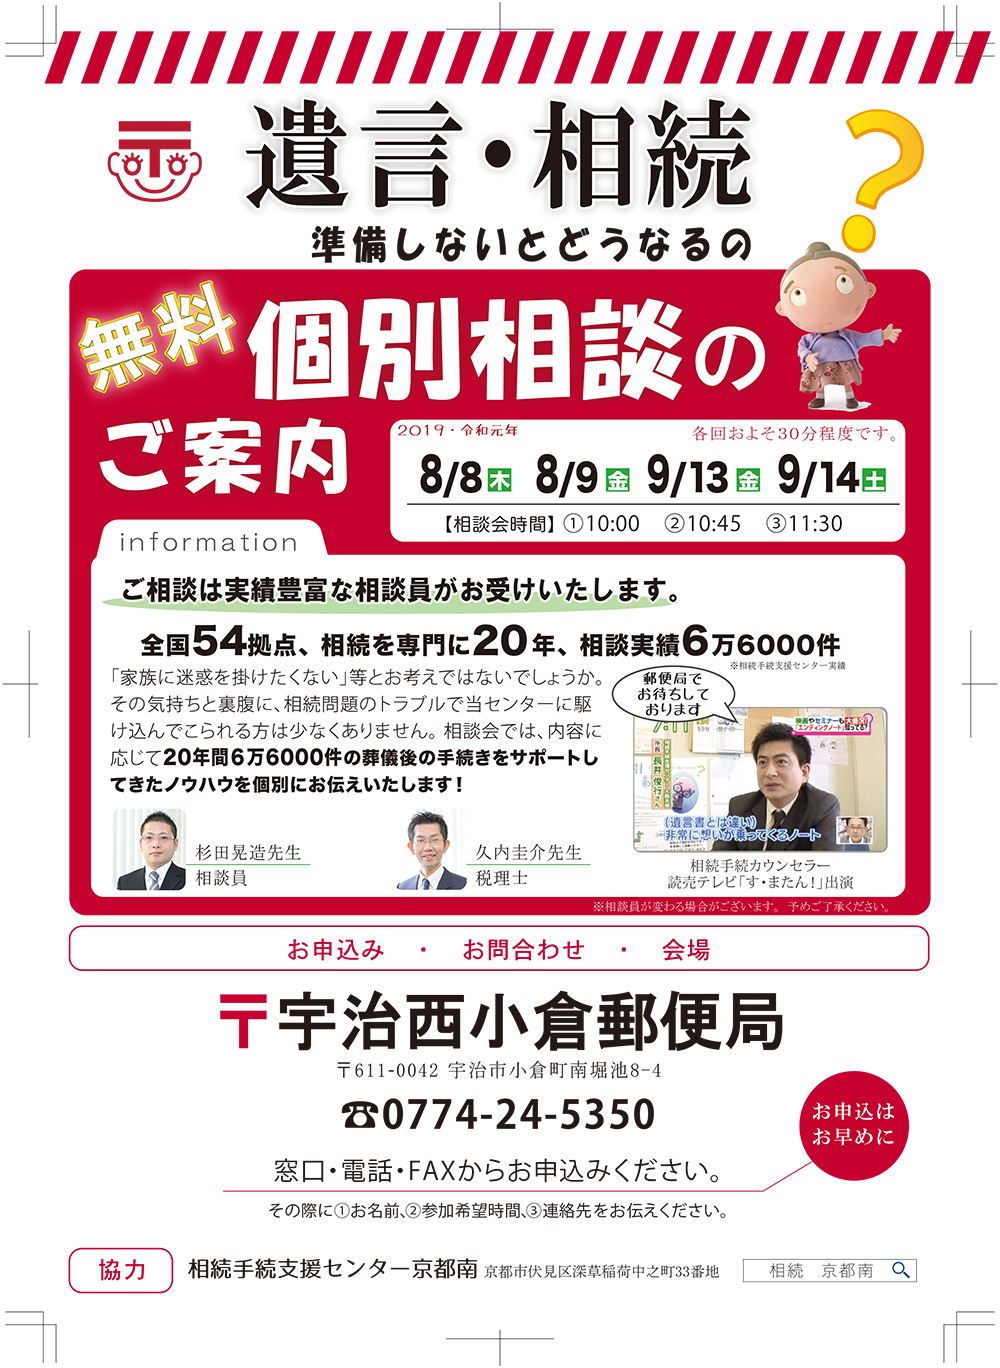 宇治西小倉郵便局で無料相談会(予約制)